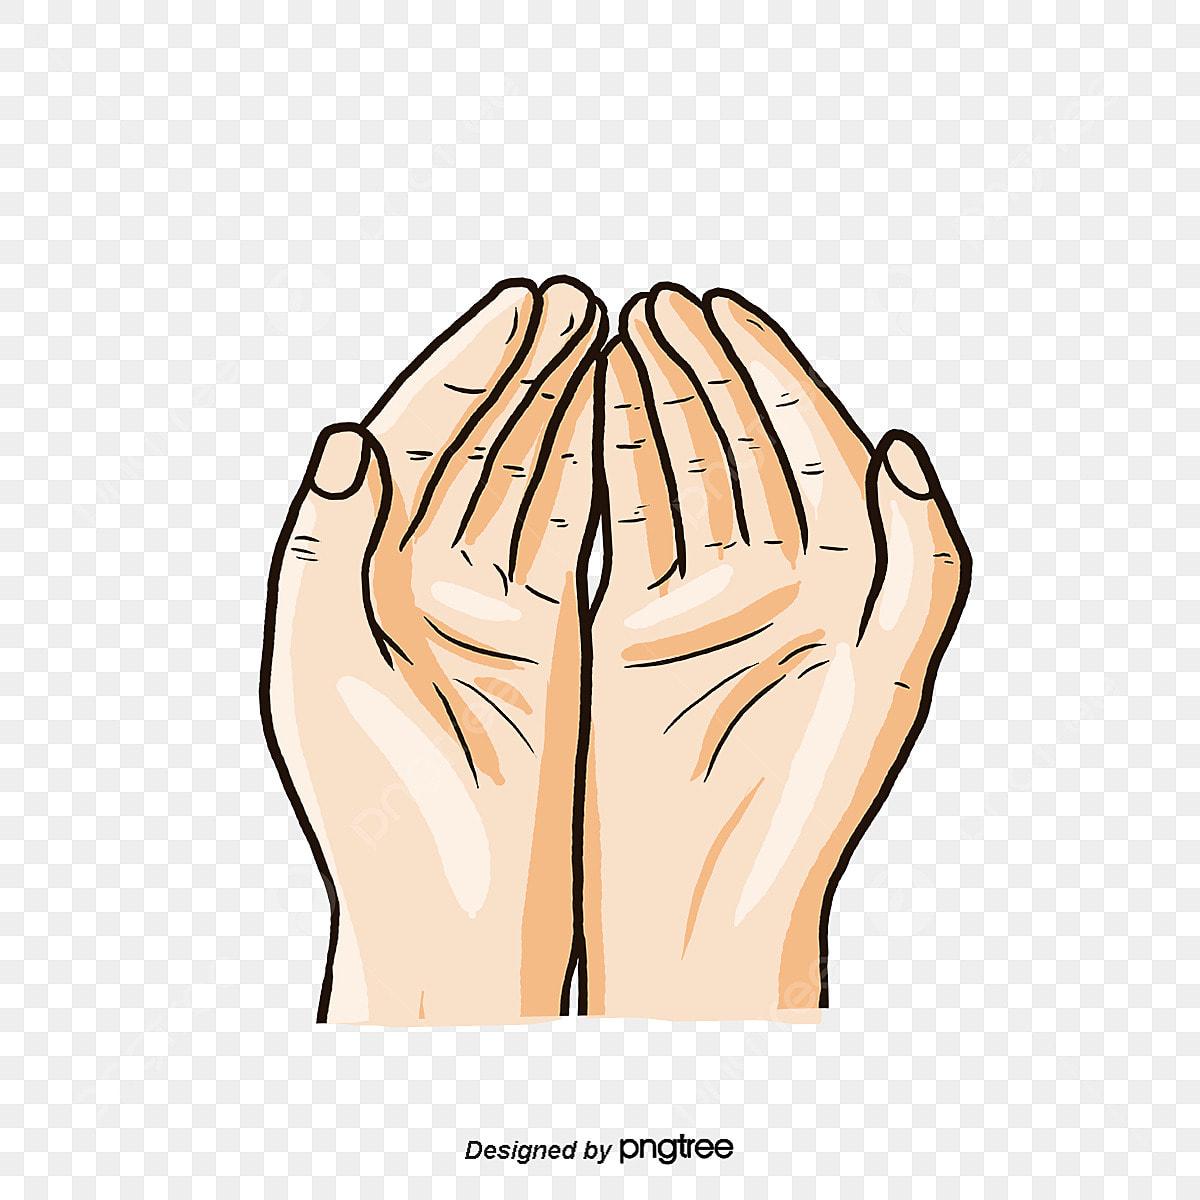 لفتة عقد اليدين يدا كليبارت لفتة عقد اليدين Png وملف Psd للتحميل مجانا